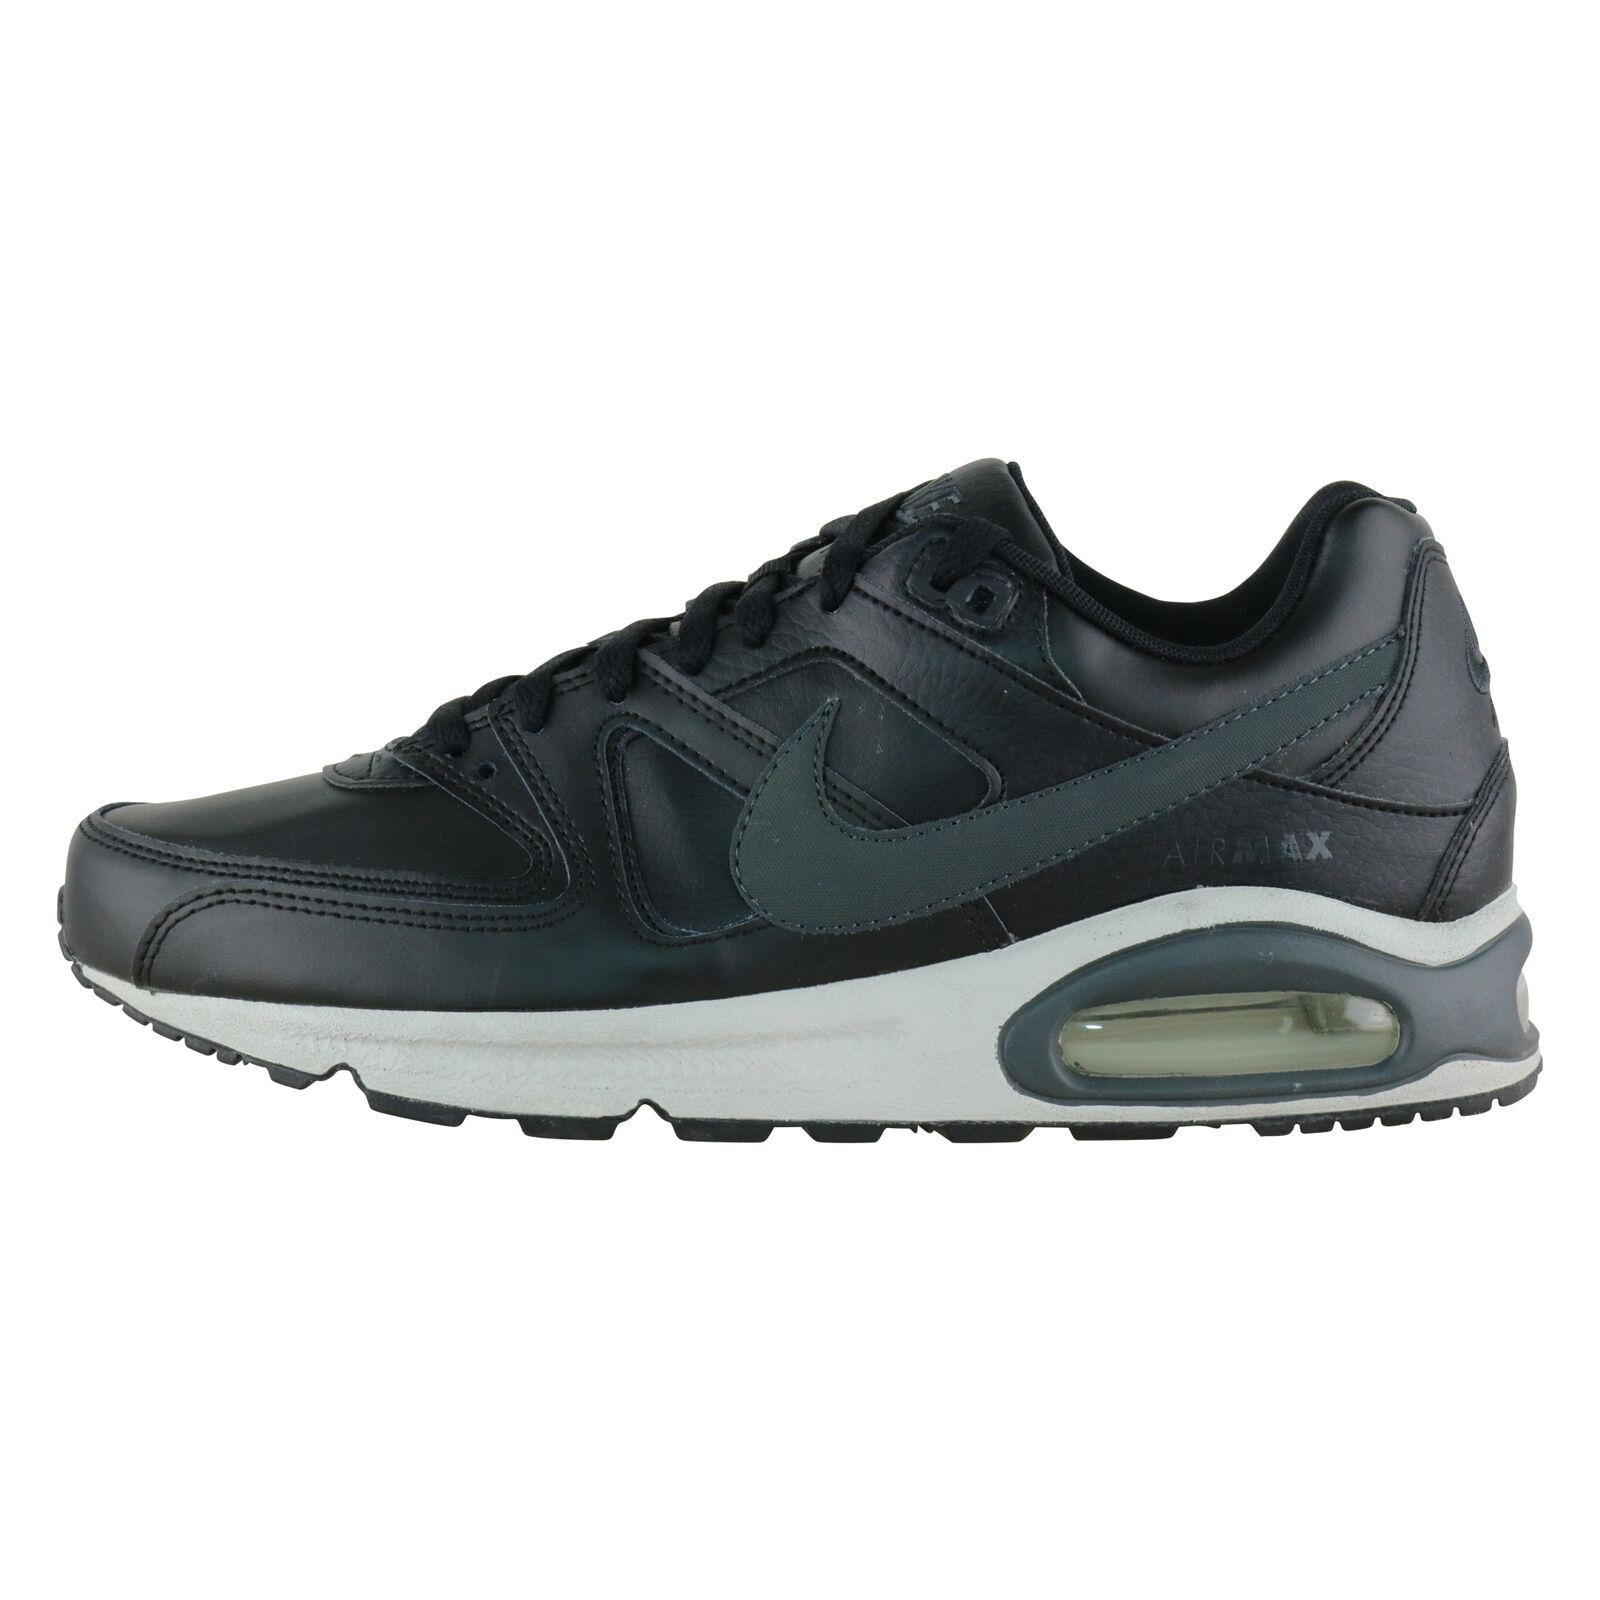 Nike Air Max Command Leather Herren Sneaker schwarz Leder SPORTSCHUHE Laufschuhe 45.5